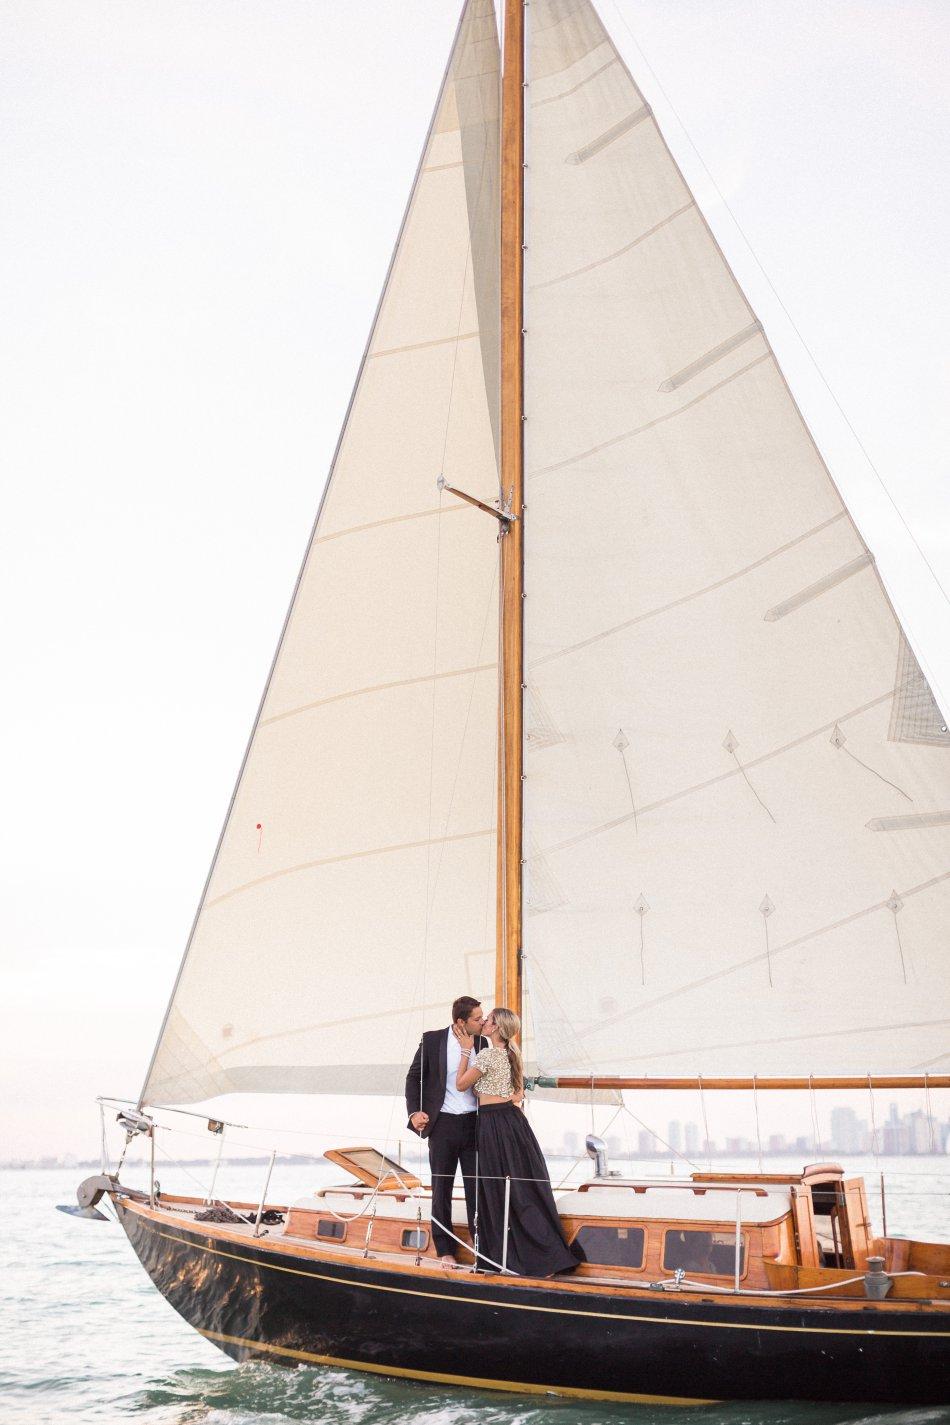 naples-luxury-sailing-engagement-photography-nautical-sailboat-engagement_1090.jpg